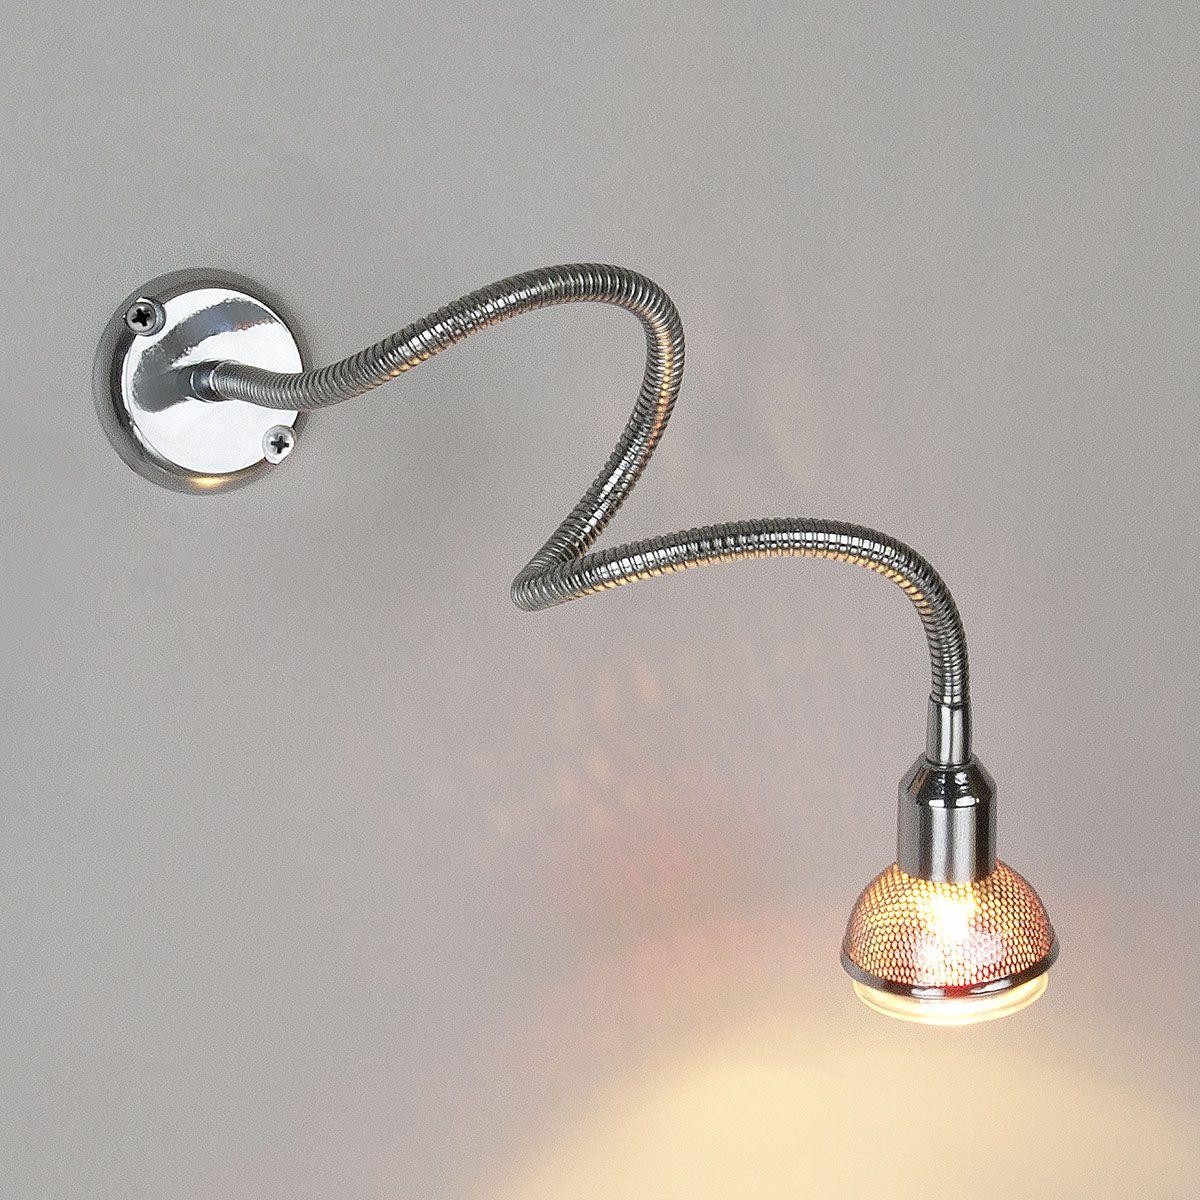 Настенный светильник с гибким корпусом 1214 MR16 хром